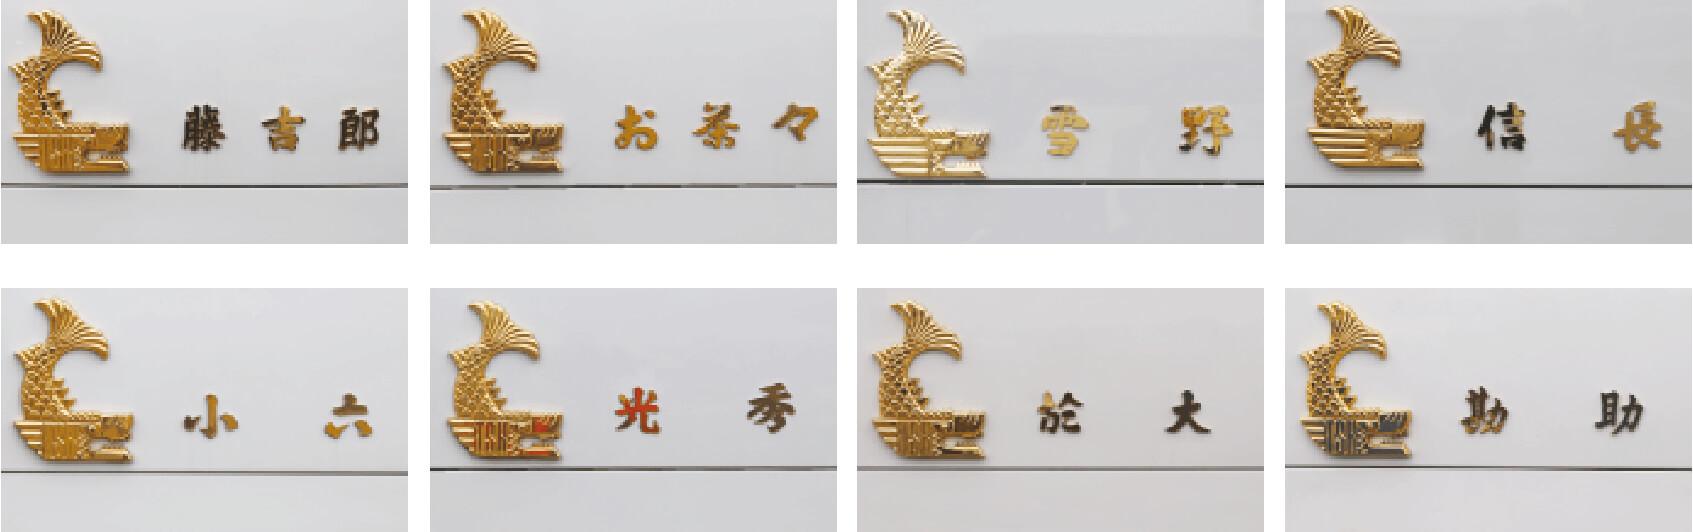 側面に「信長」「秀吉」「家康」「千姫」「お茶々」などの文字が記載されている鯱バスの車両